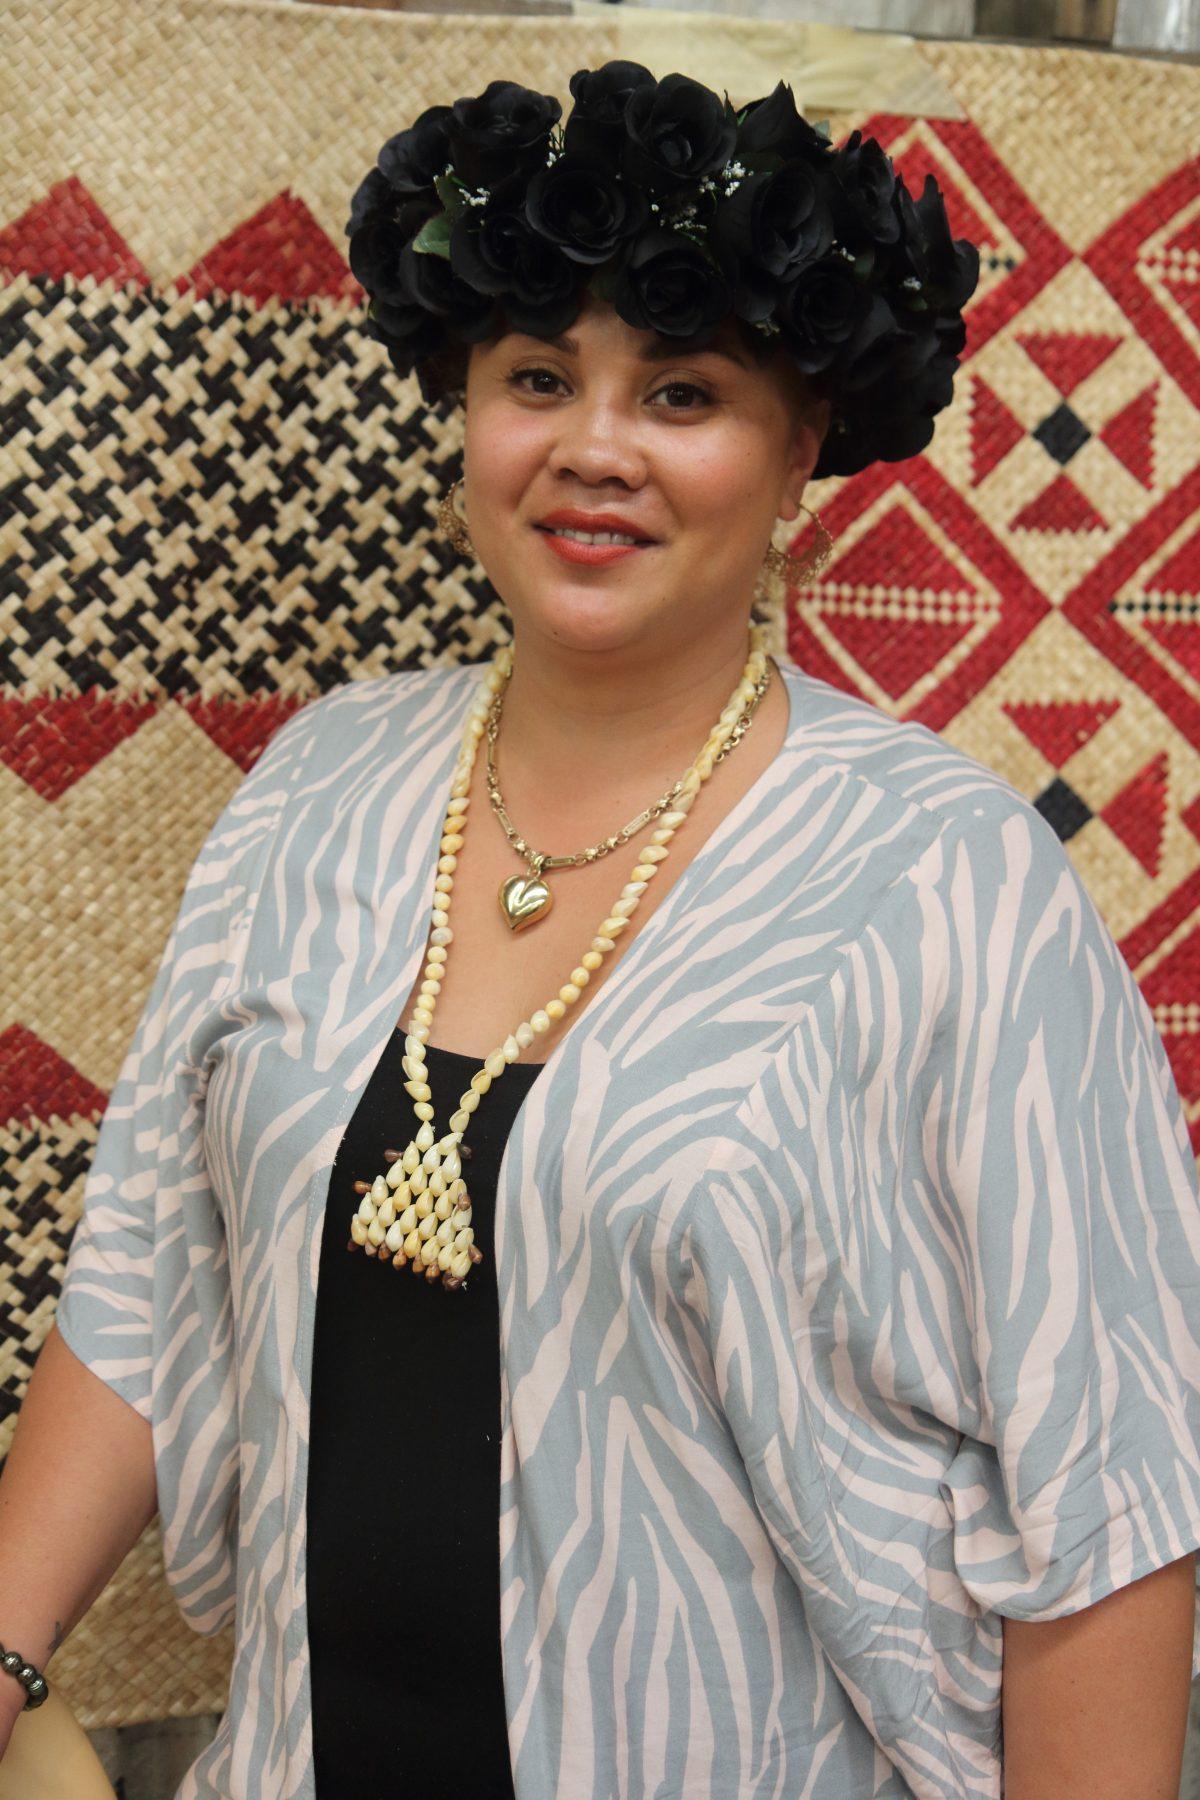 Lady in pacific island attire